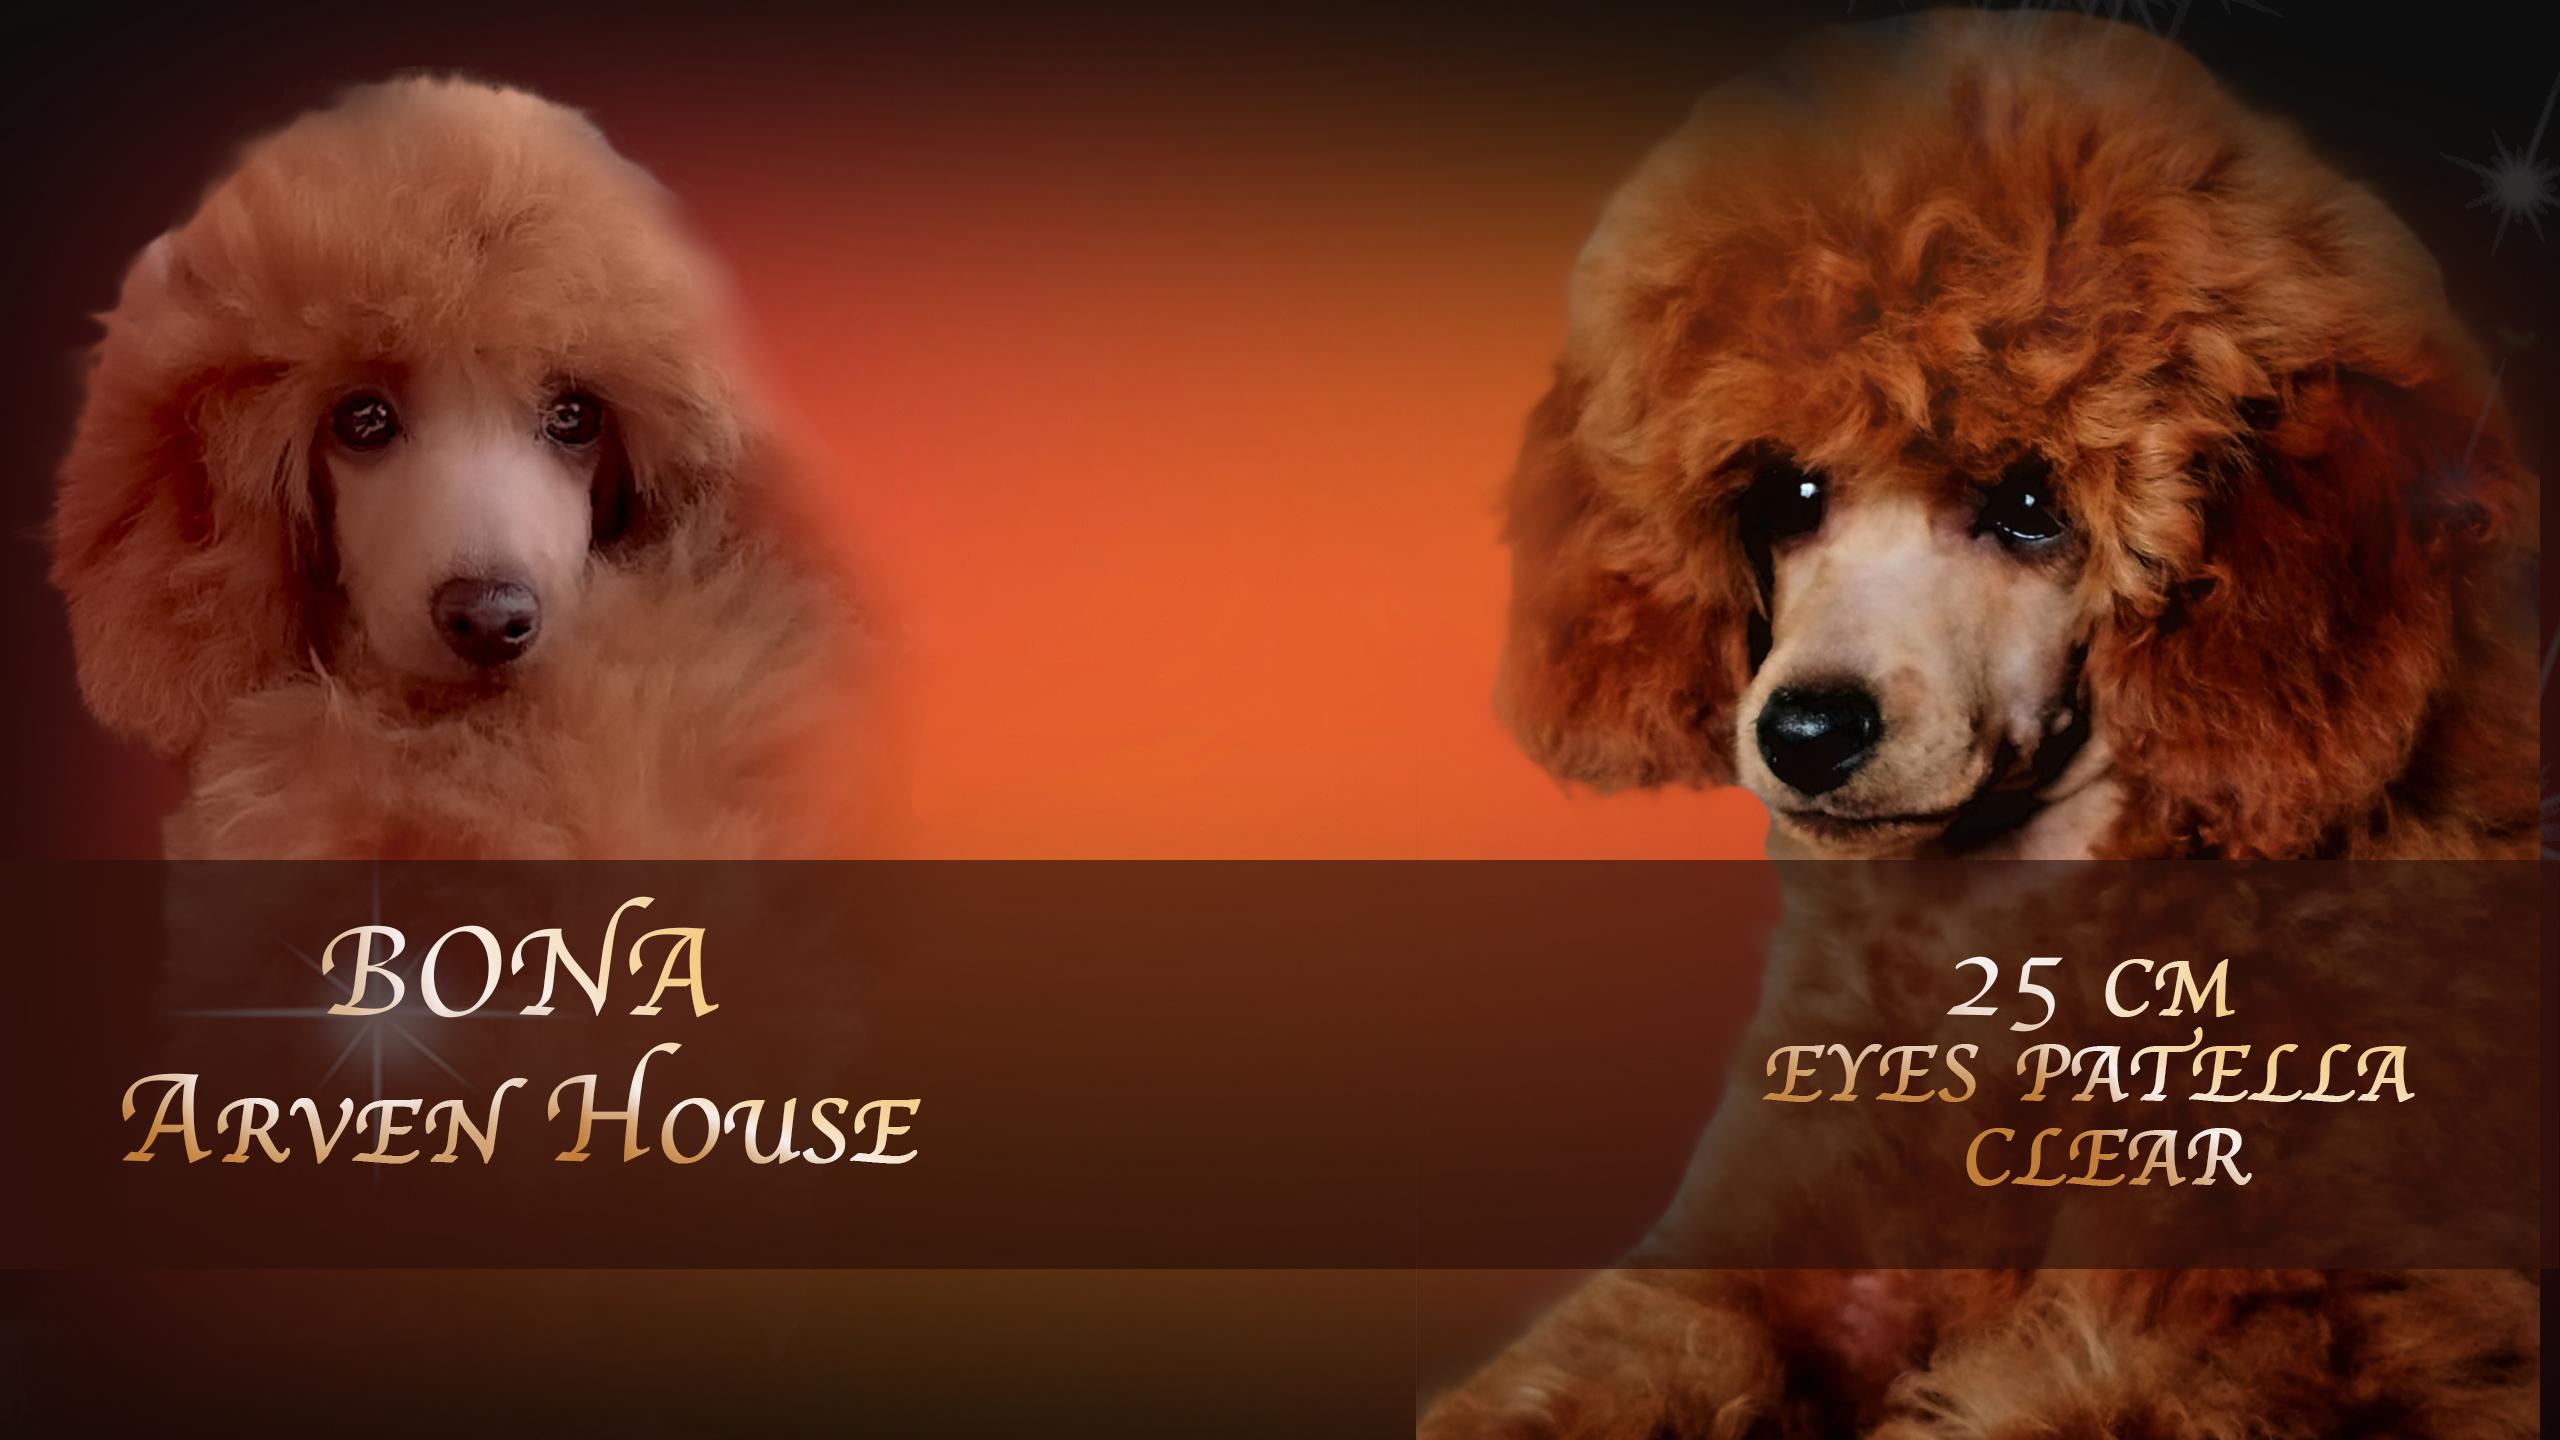 Bona Esmeralda Arven House  25 CM ***ENTRA***